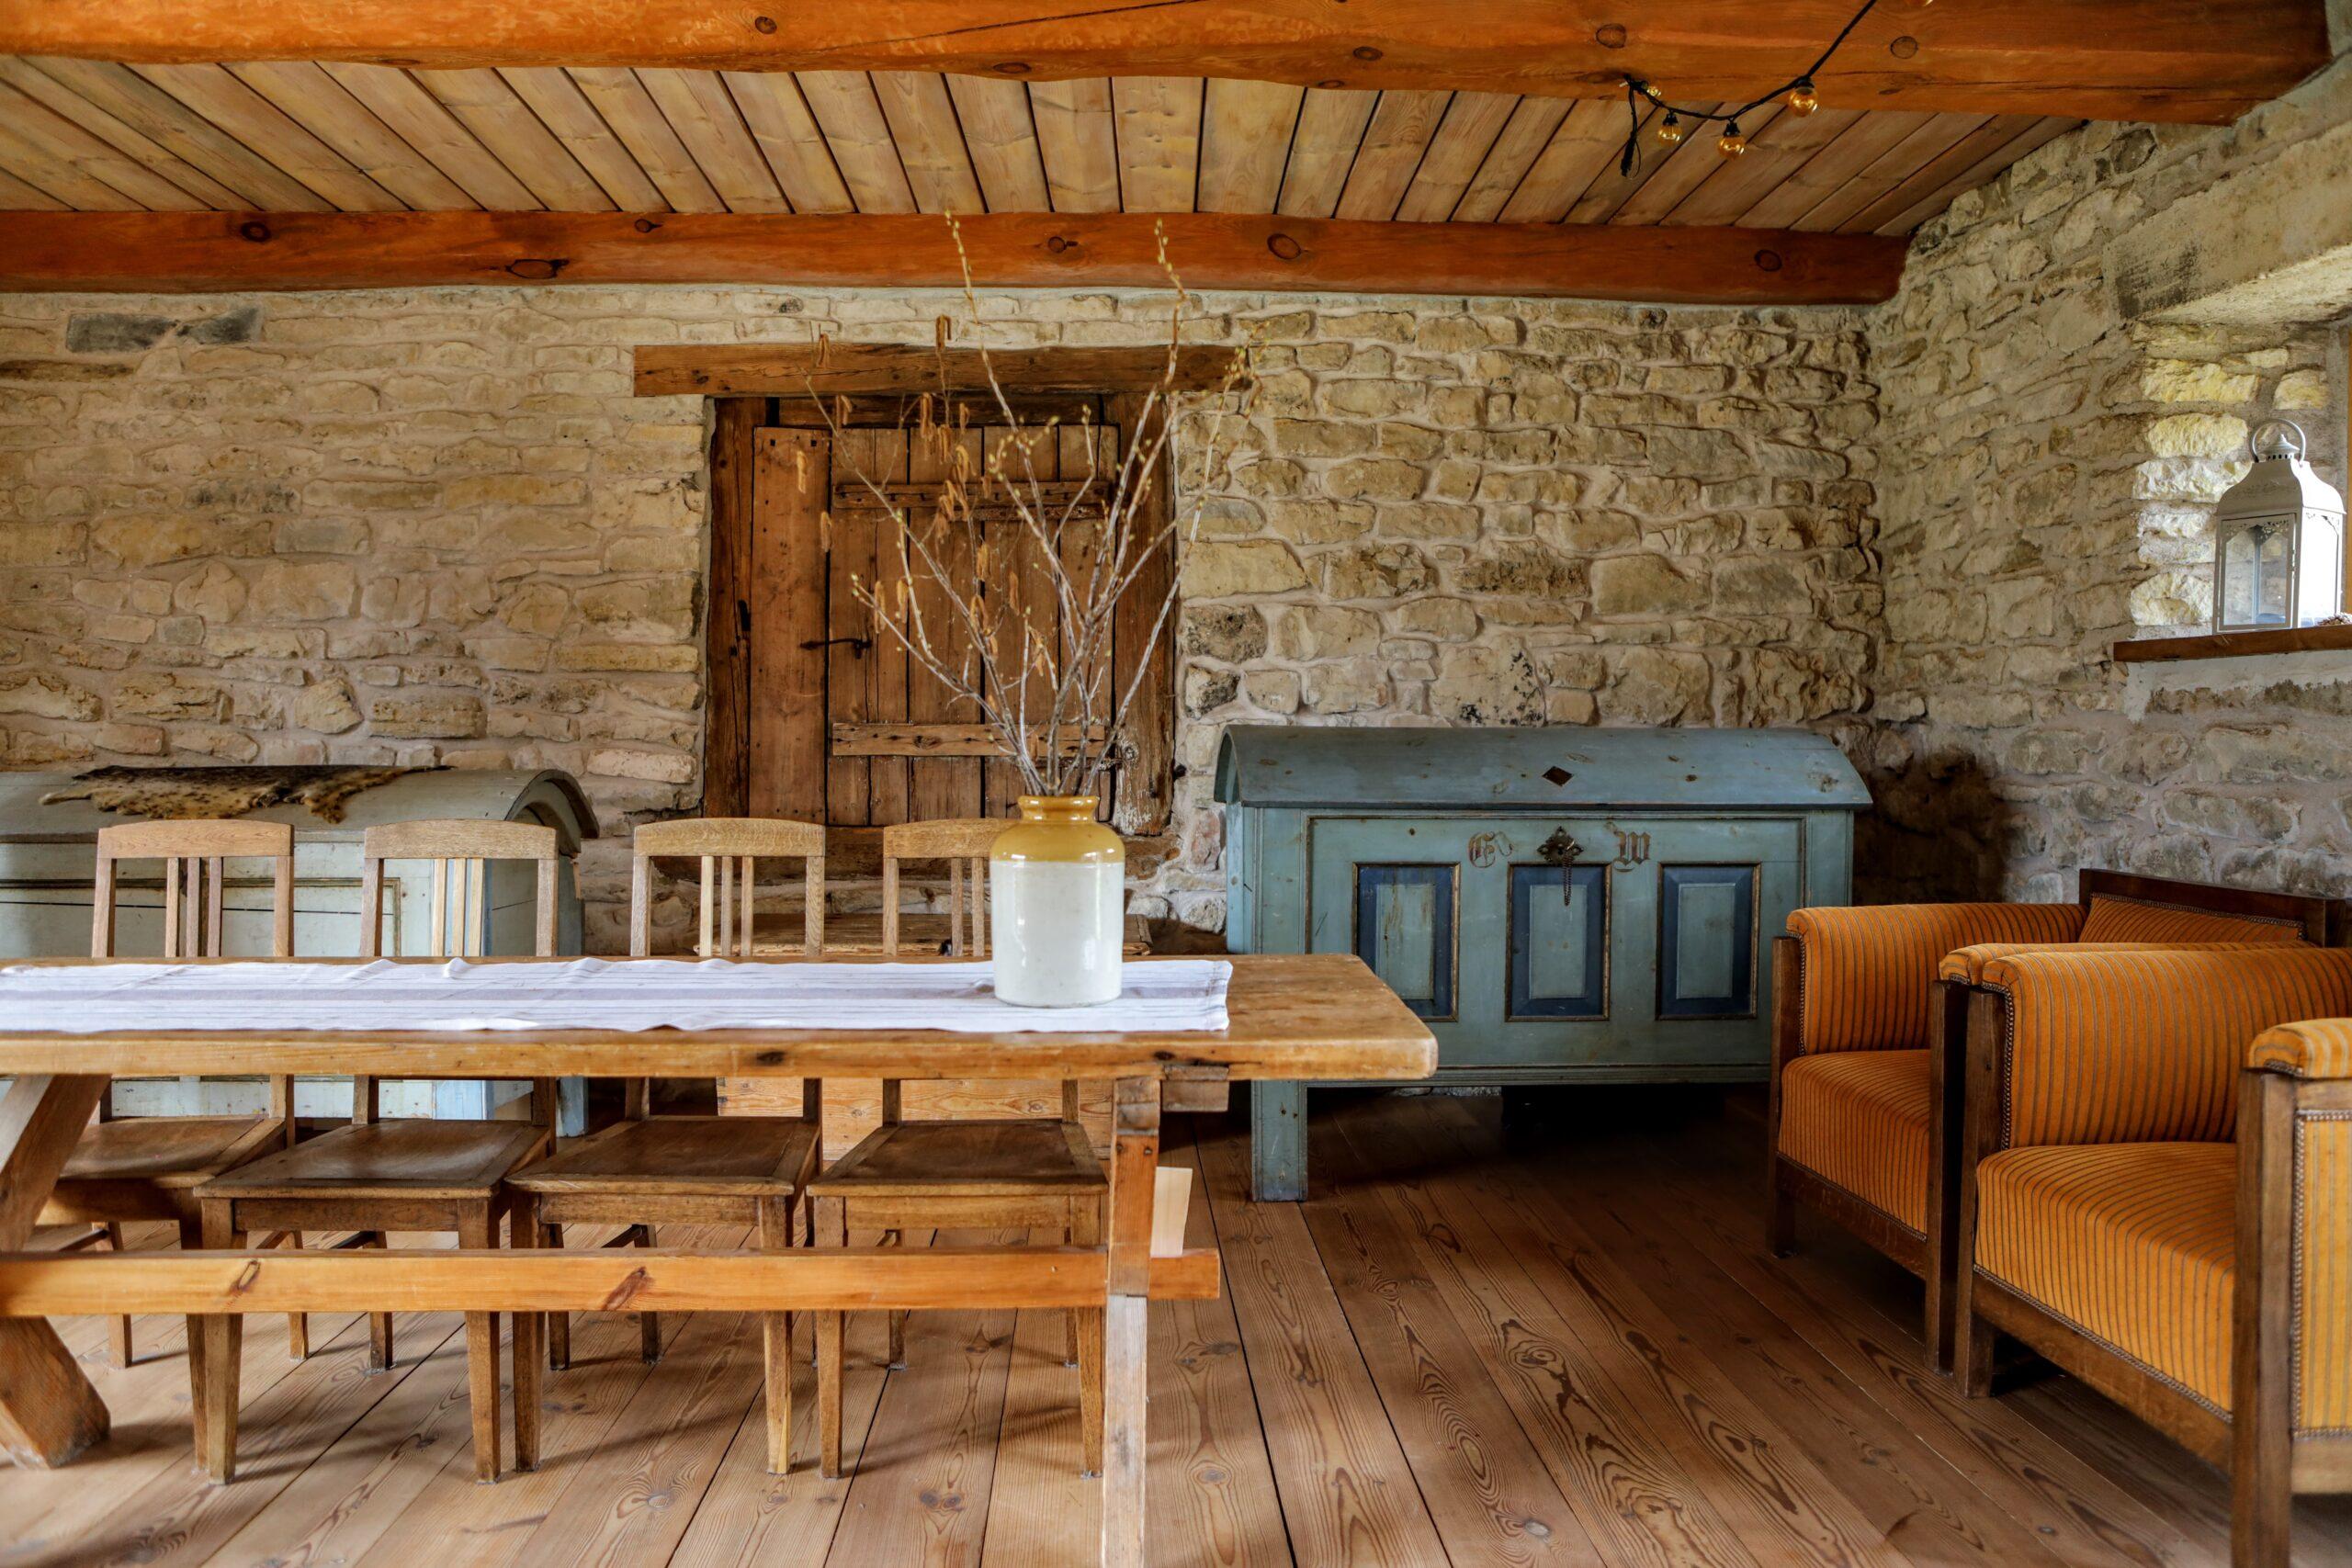 Vana loomalauda tagauksest pääseb keldrisse ja maja moodsa küttesüsteemi juurde.